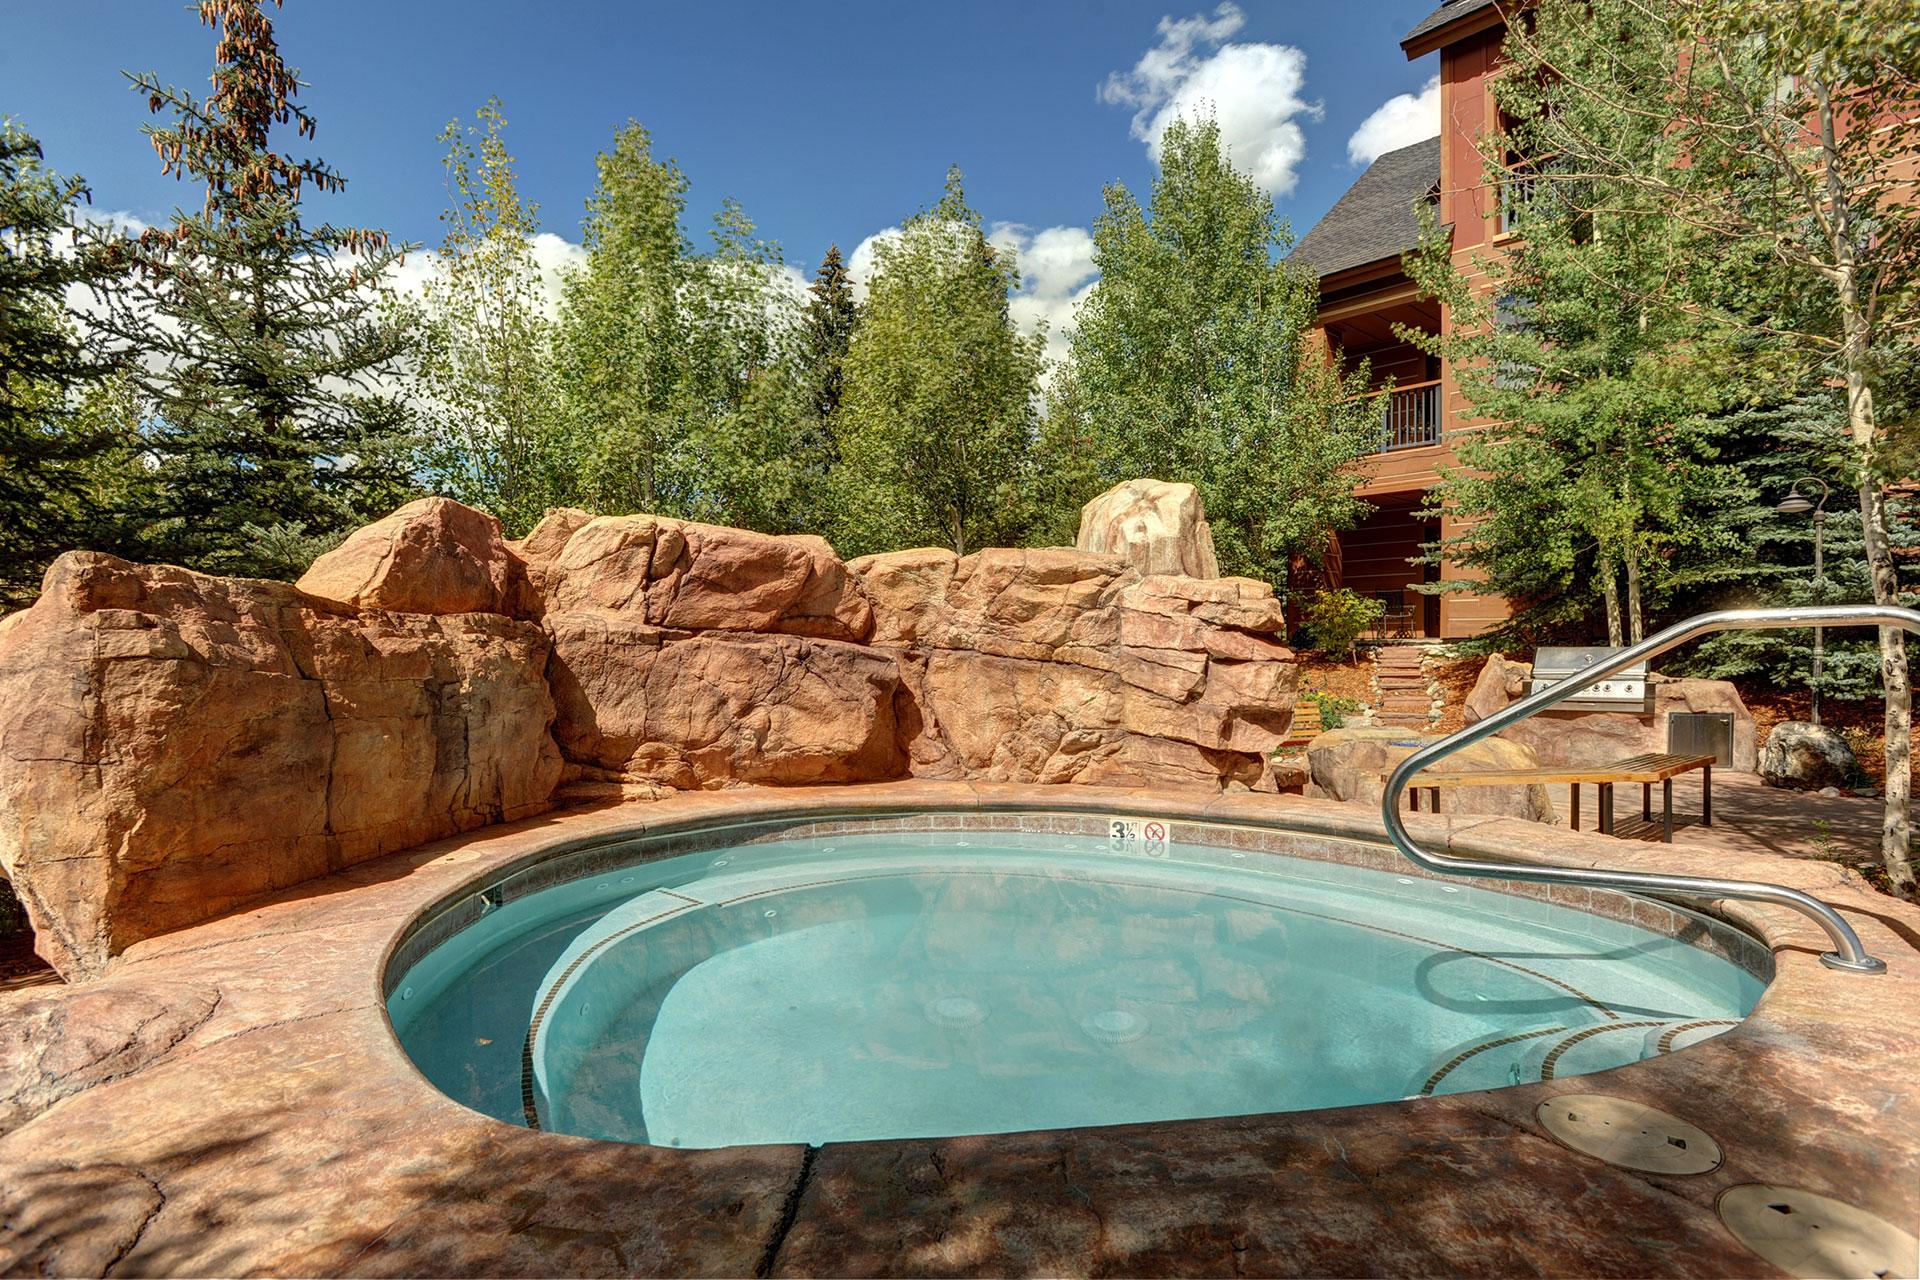 The Springs Hot Tub at Keystone Resort; Courtesy of Keystone Resort